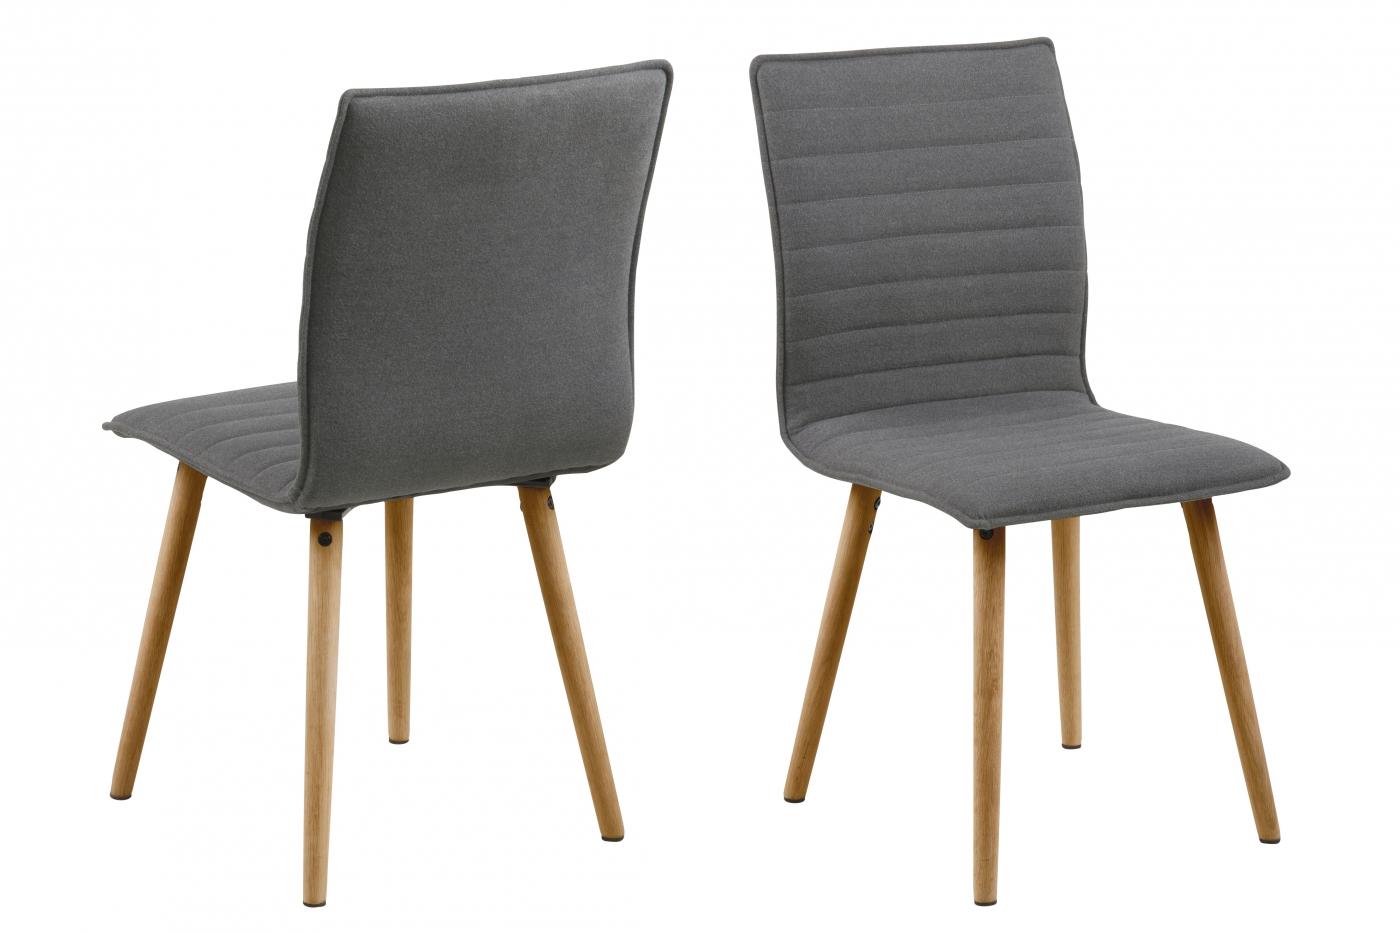 Jídelní židle Frida (SET 2 ks), sv. šedá